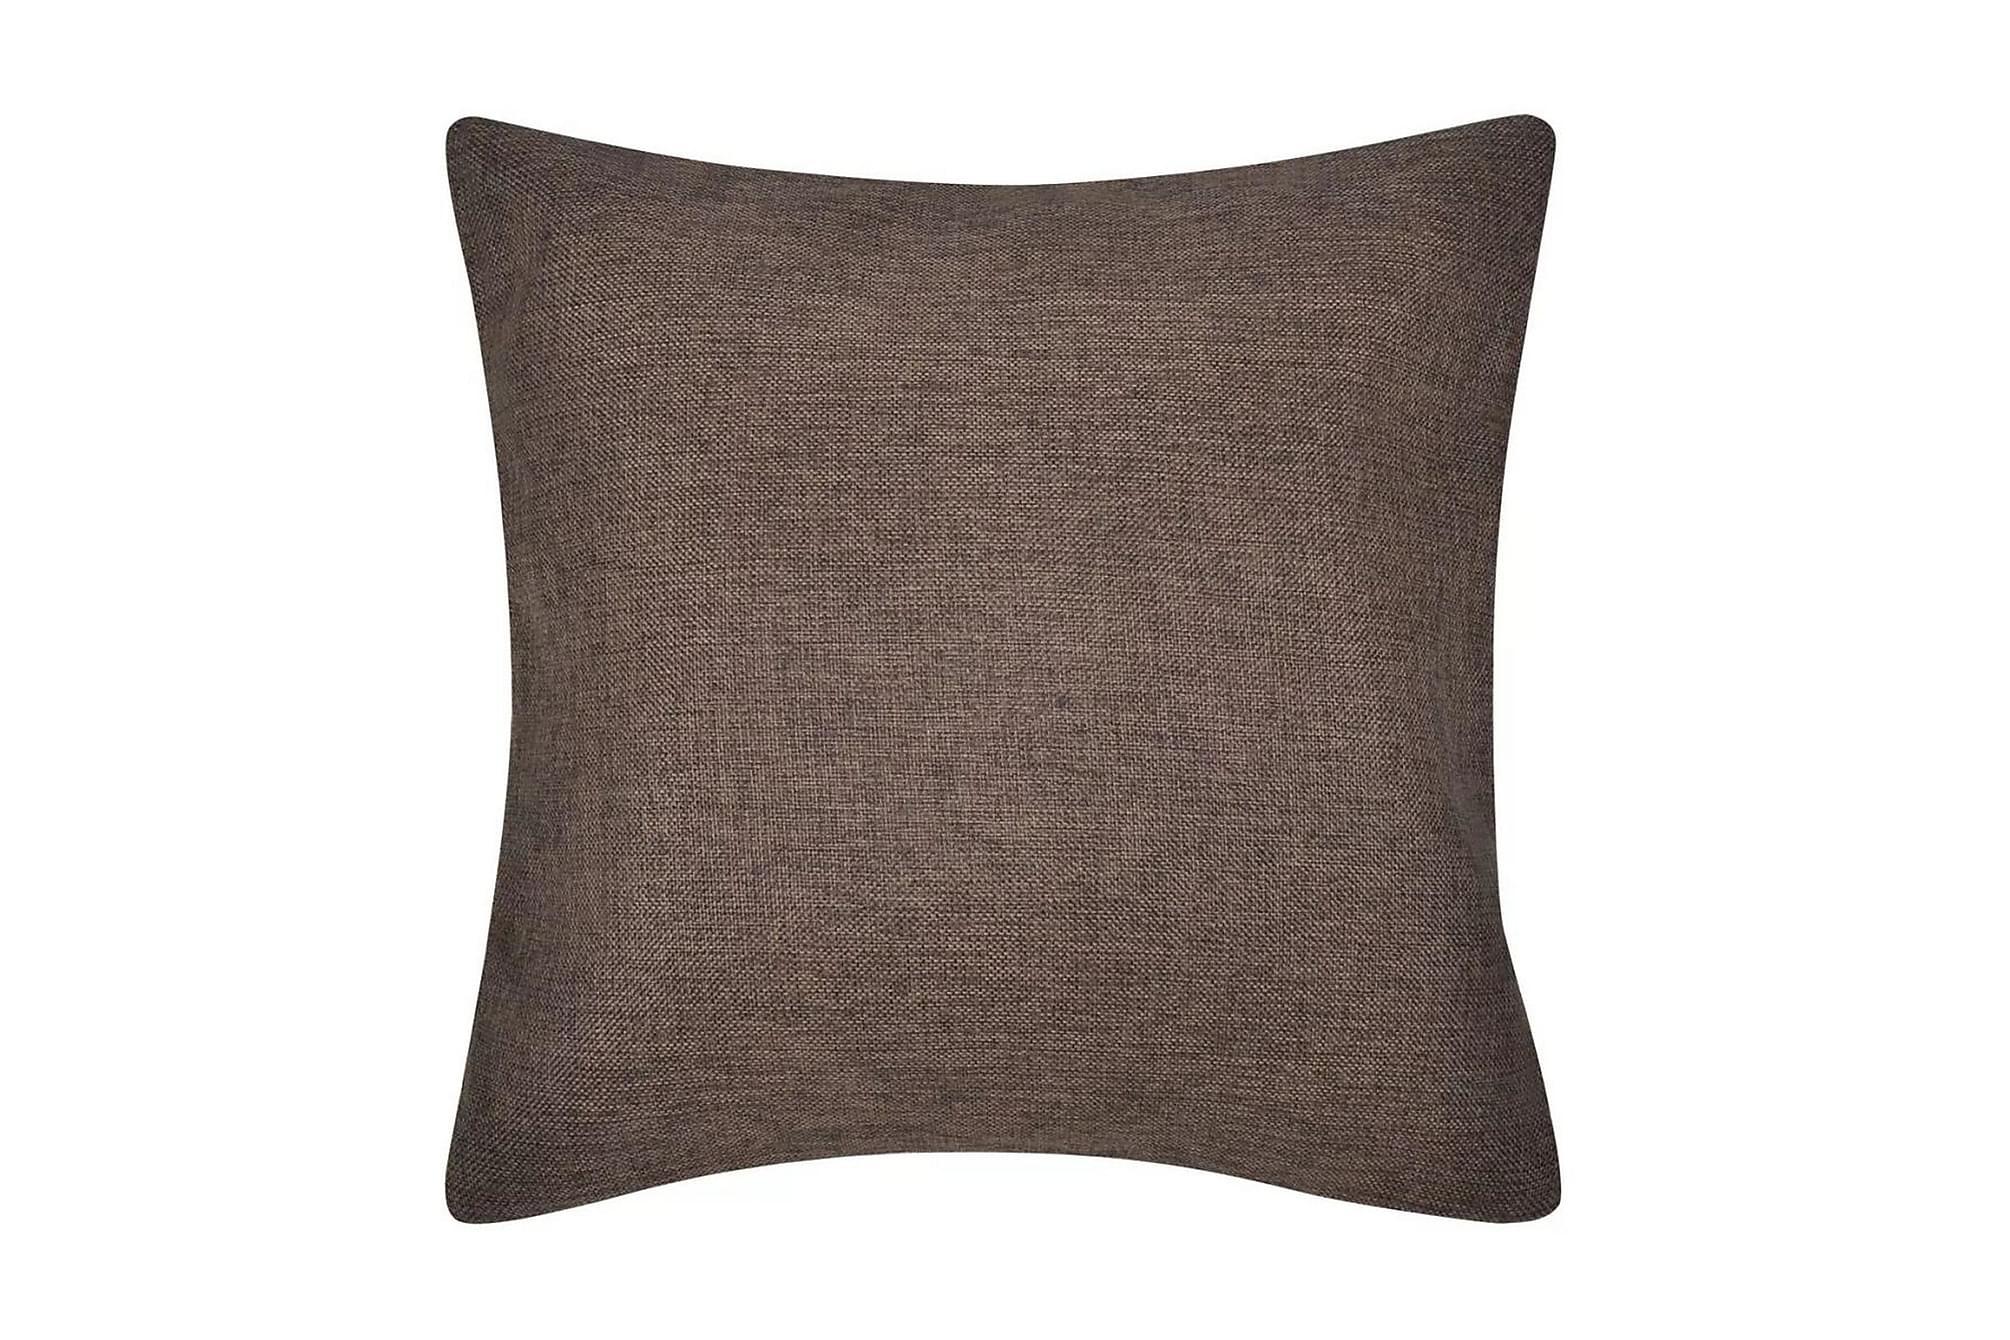 4 Kuddöverdrag i linnelook bruna 40 x 40 cm, Prydnadskuddar & filtar